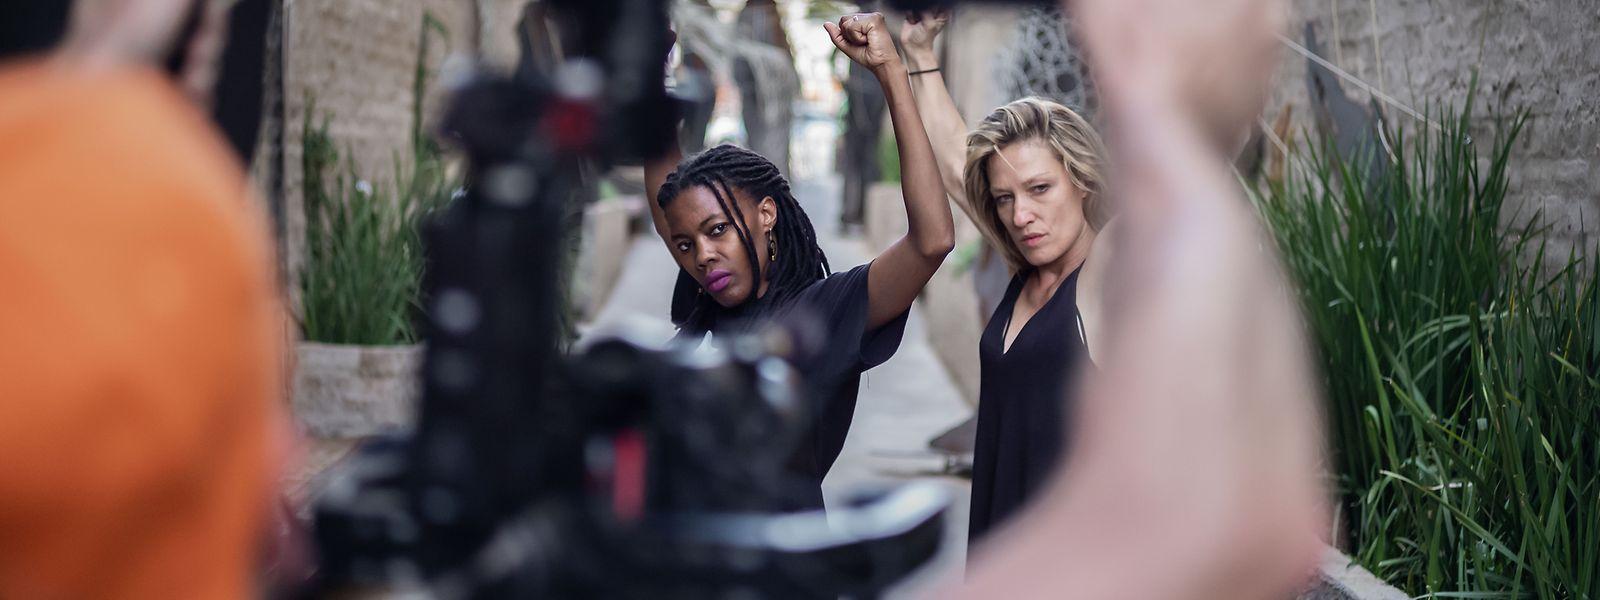 In den neuen Folgen für Arte besucht Sylvia Camarda (r.) afrikanische Tanzspezialisten, hier zum Beispiel Thandazile Sonia Radebe (l.) in den Gassen von Johannesburg.